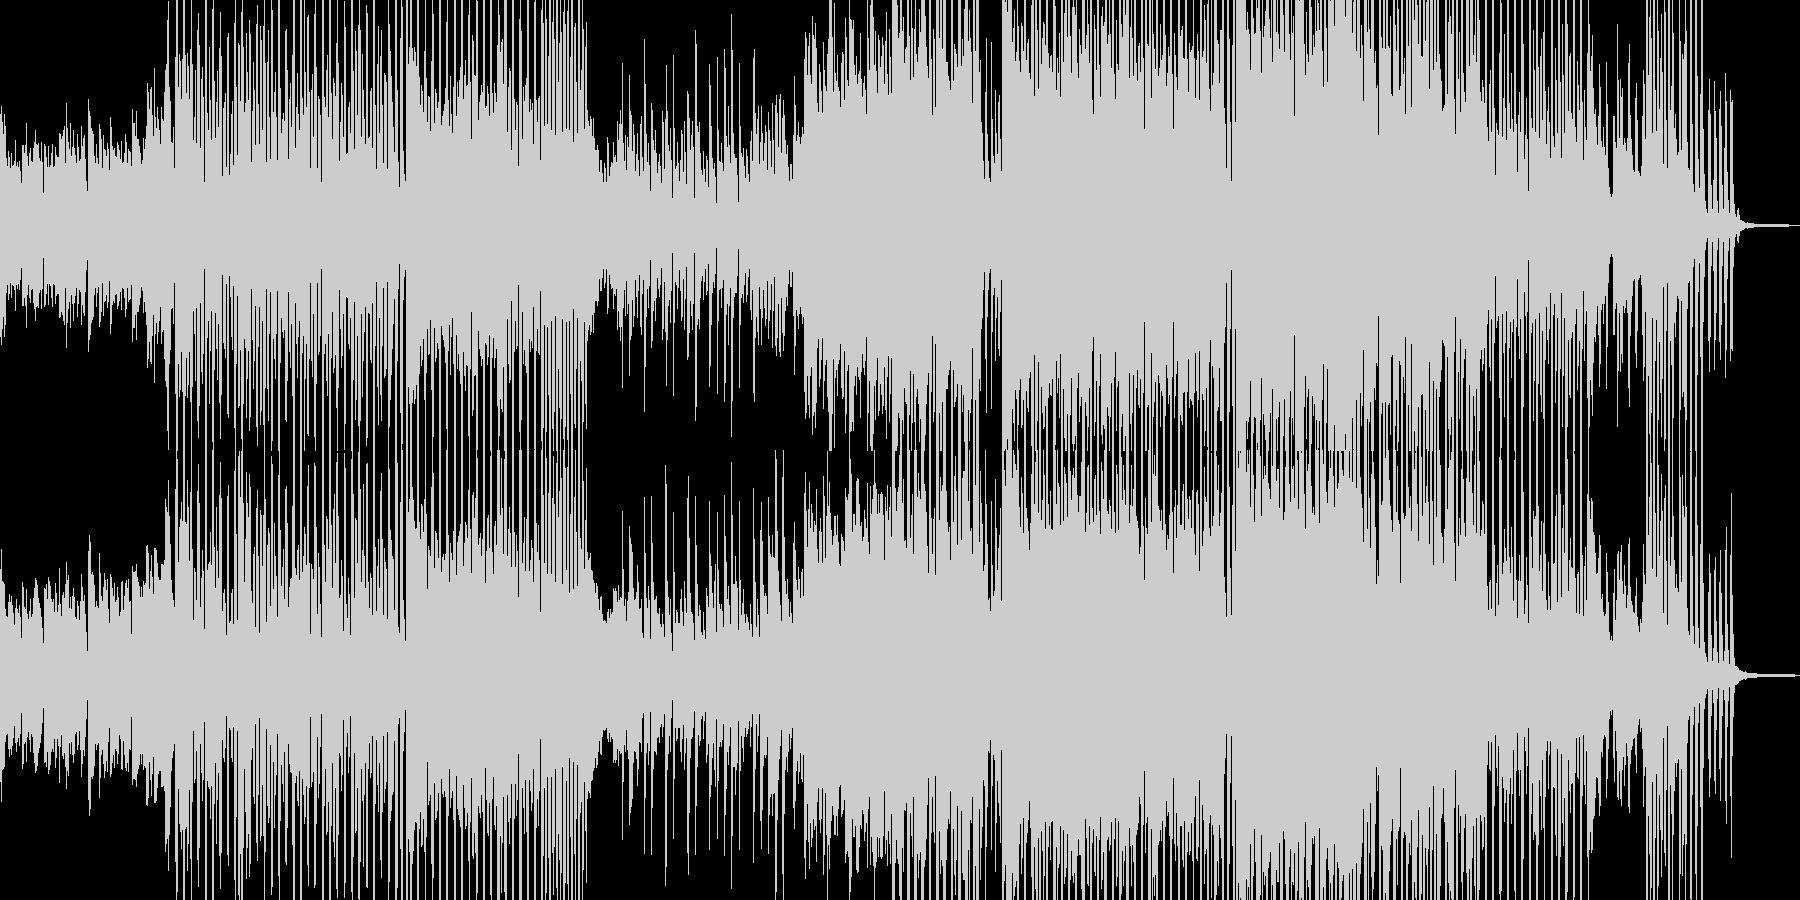 前向きに歩き出すテクノポップ 短尺の未再生の波形